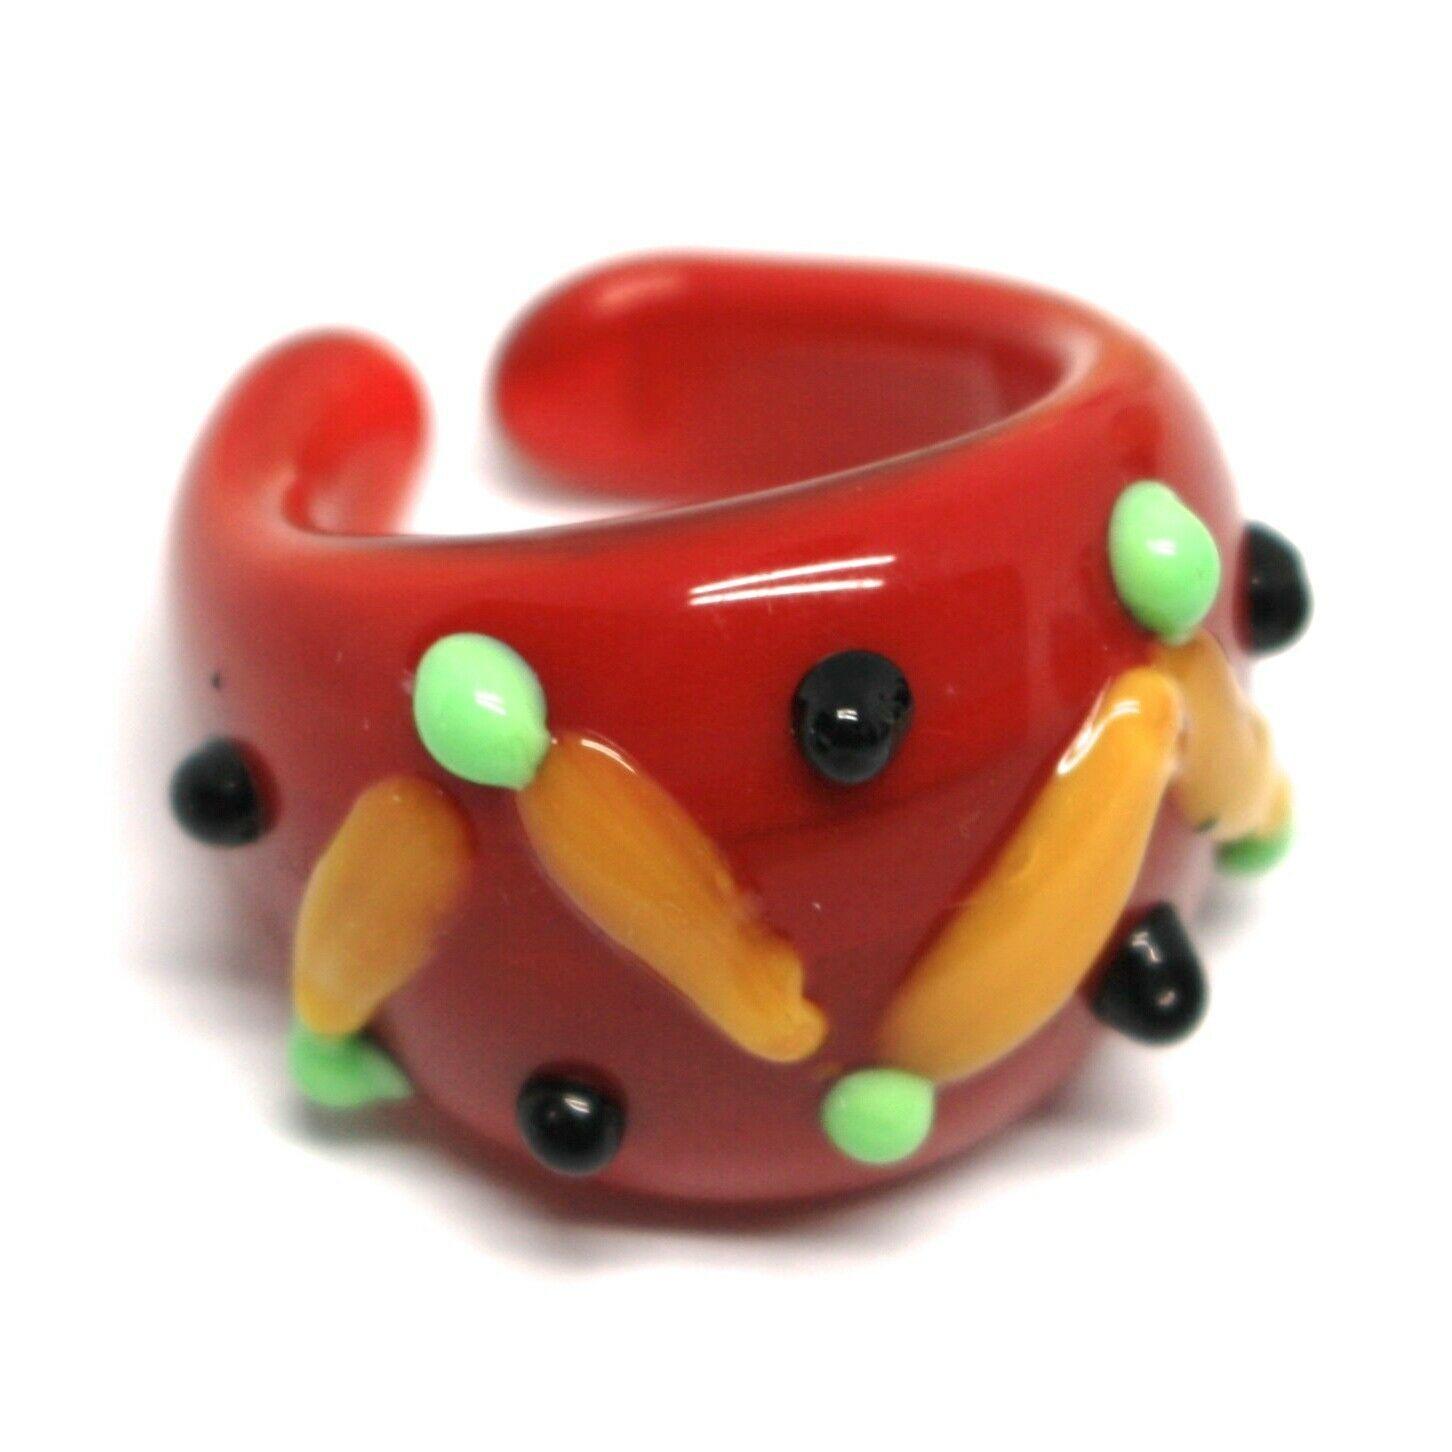 Ring Antica Murrina, Murano Glass, Red, Yellow, Wave, Polka dot Embossed